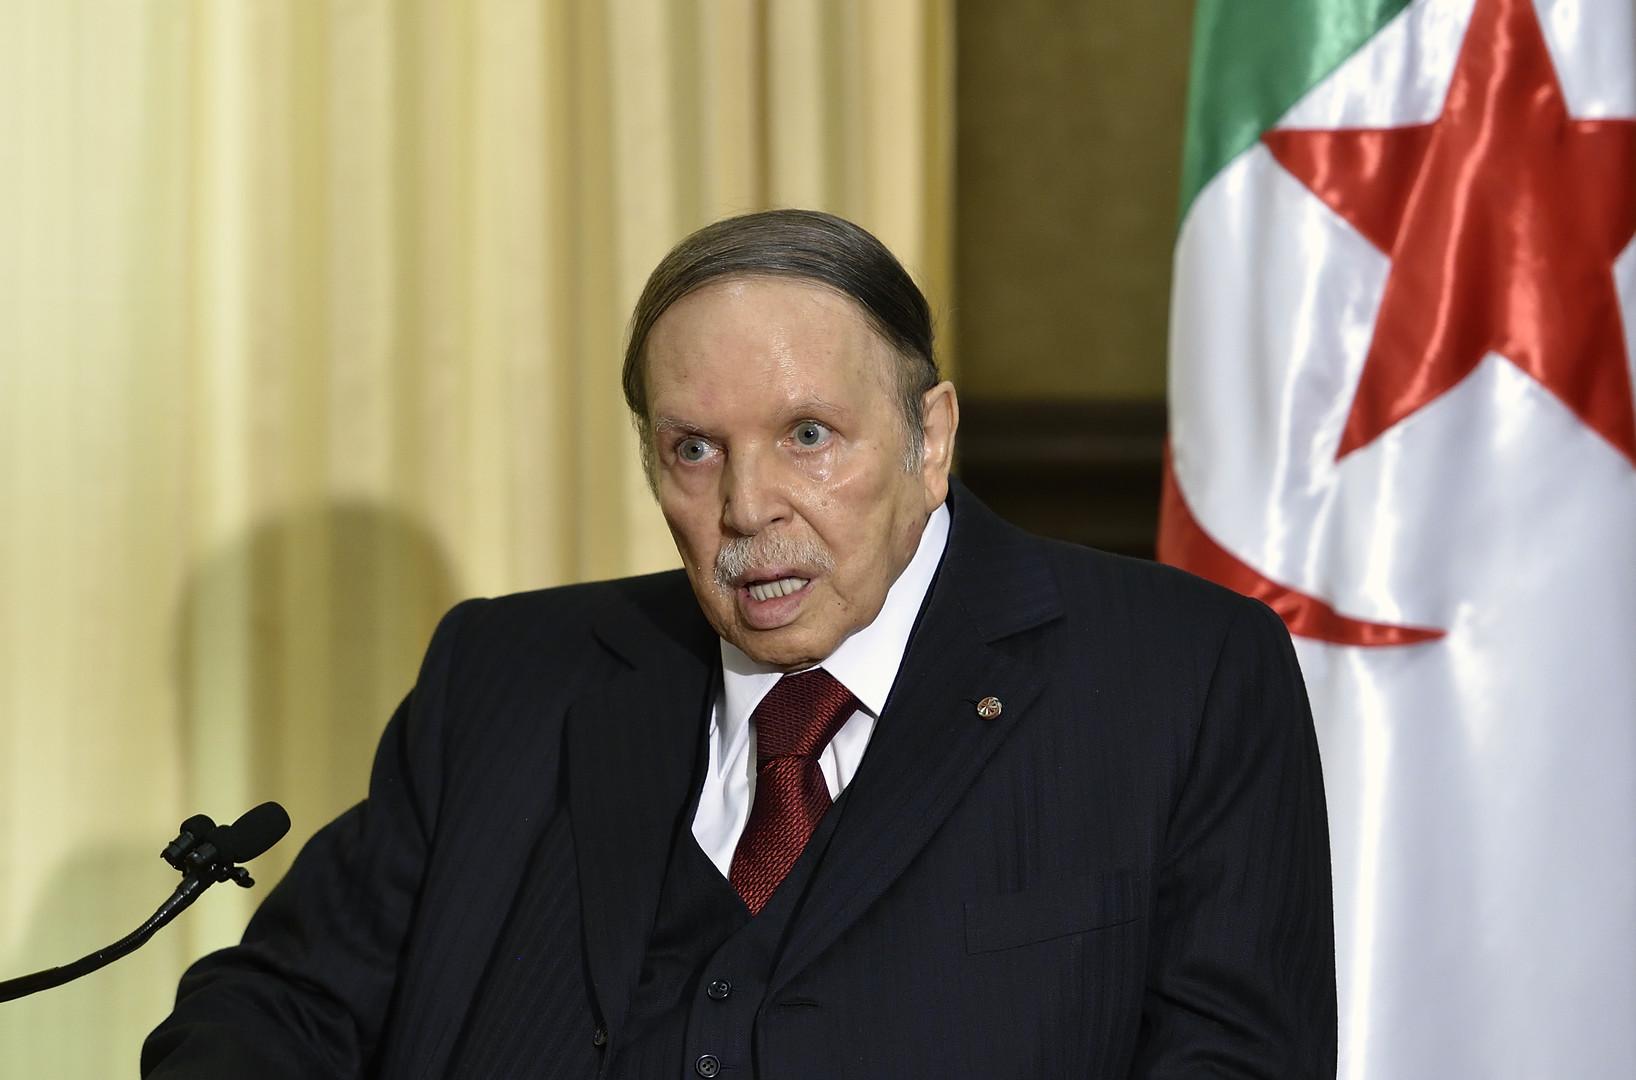 ماكرون يُؤنِّب مطالبا الجزائر بإجراءات ملموسة لحل الأزمة المالية